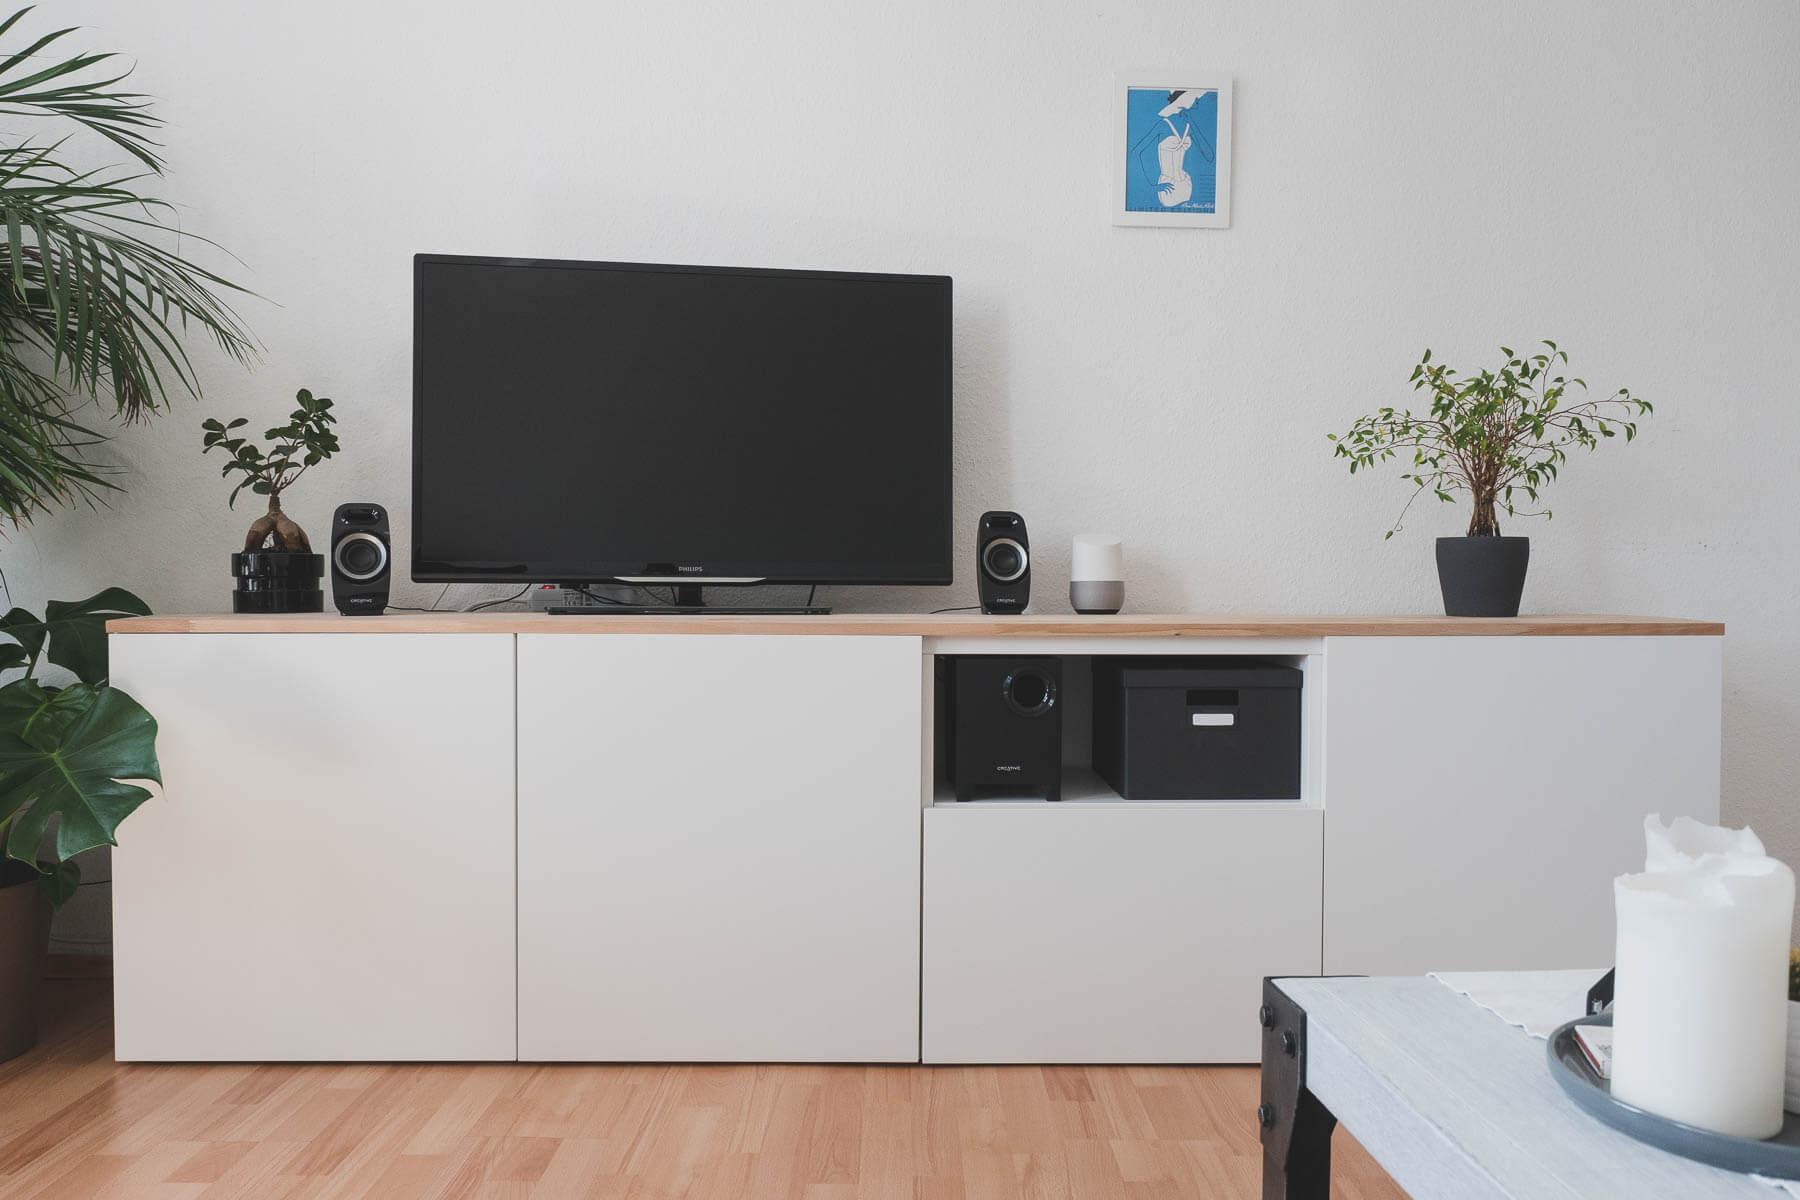 Full Size of Sideboard Küche Ikea Kosten Wohnzimmer Sofa Mit Schlaffunktion Modulküche Miniküche Betten 160x200 Kaufen Bei Arbeitsplatte Wohnzimmer Ikea Sideboard